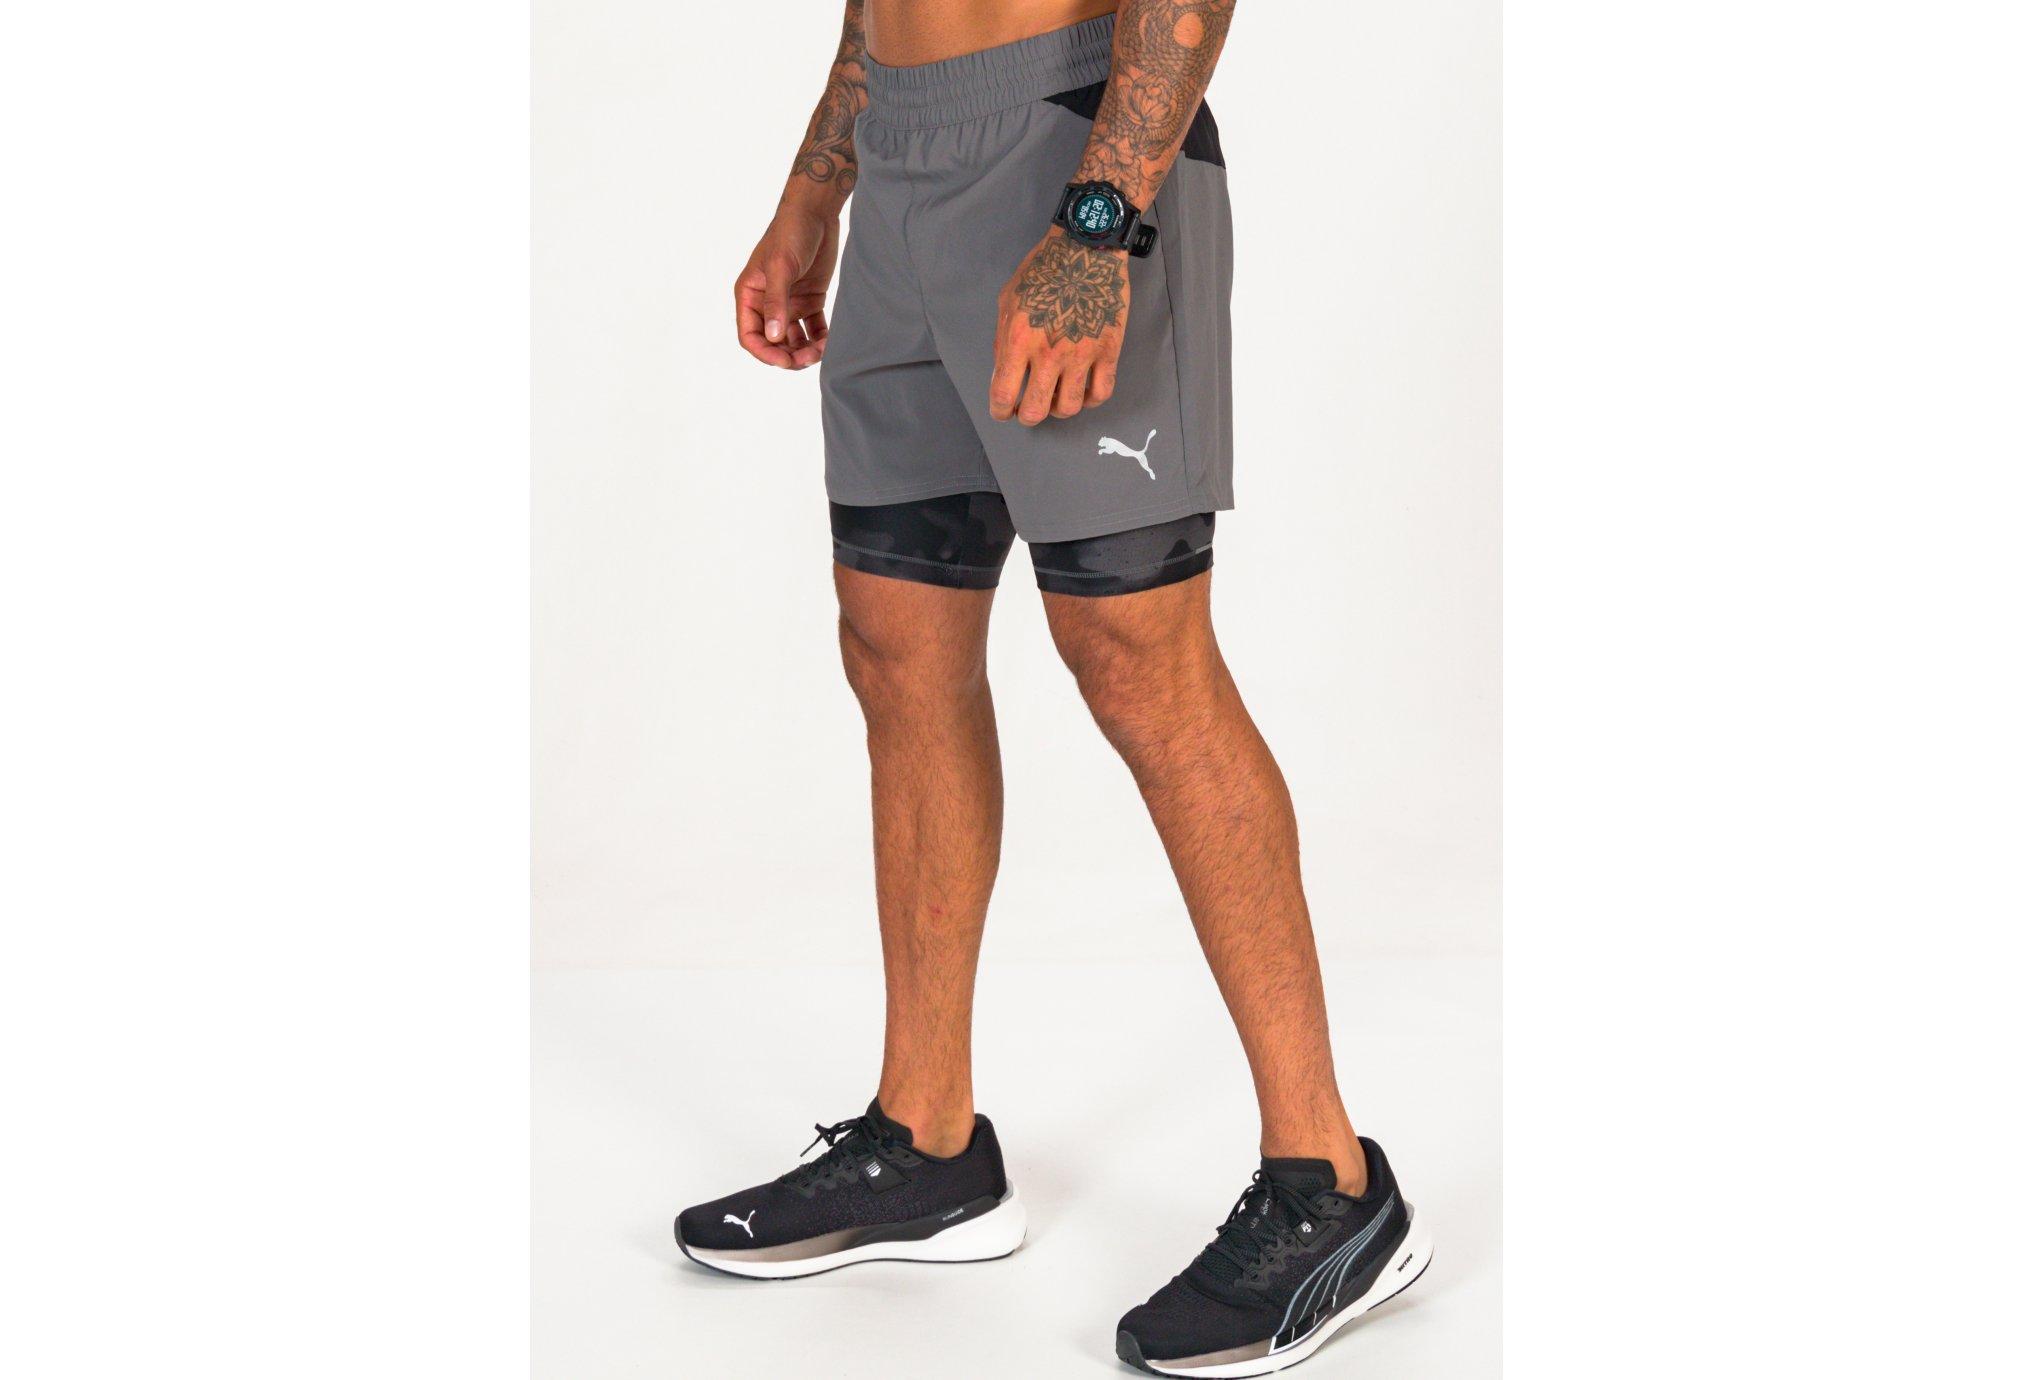 Puma Run Graphic 2 en 1 M vêtement running homme